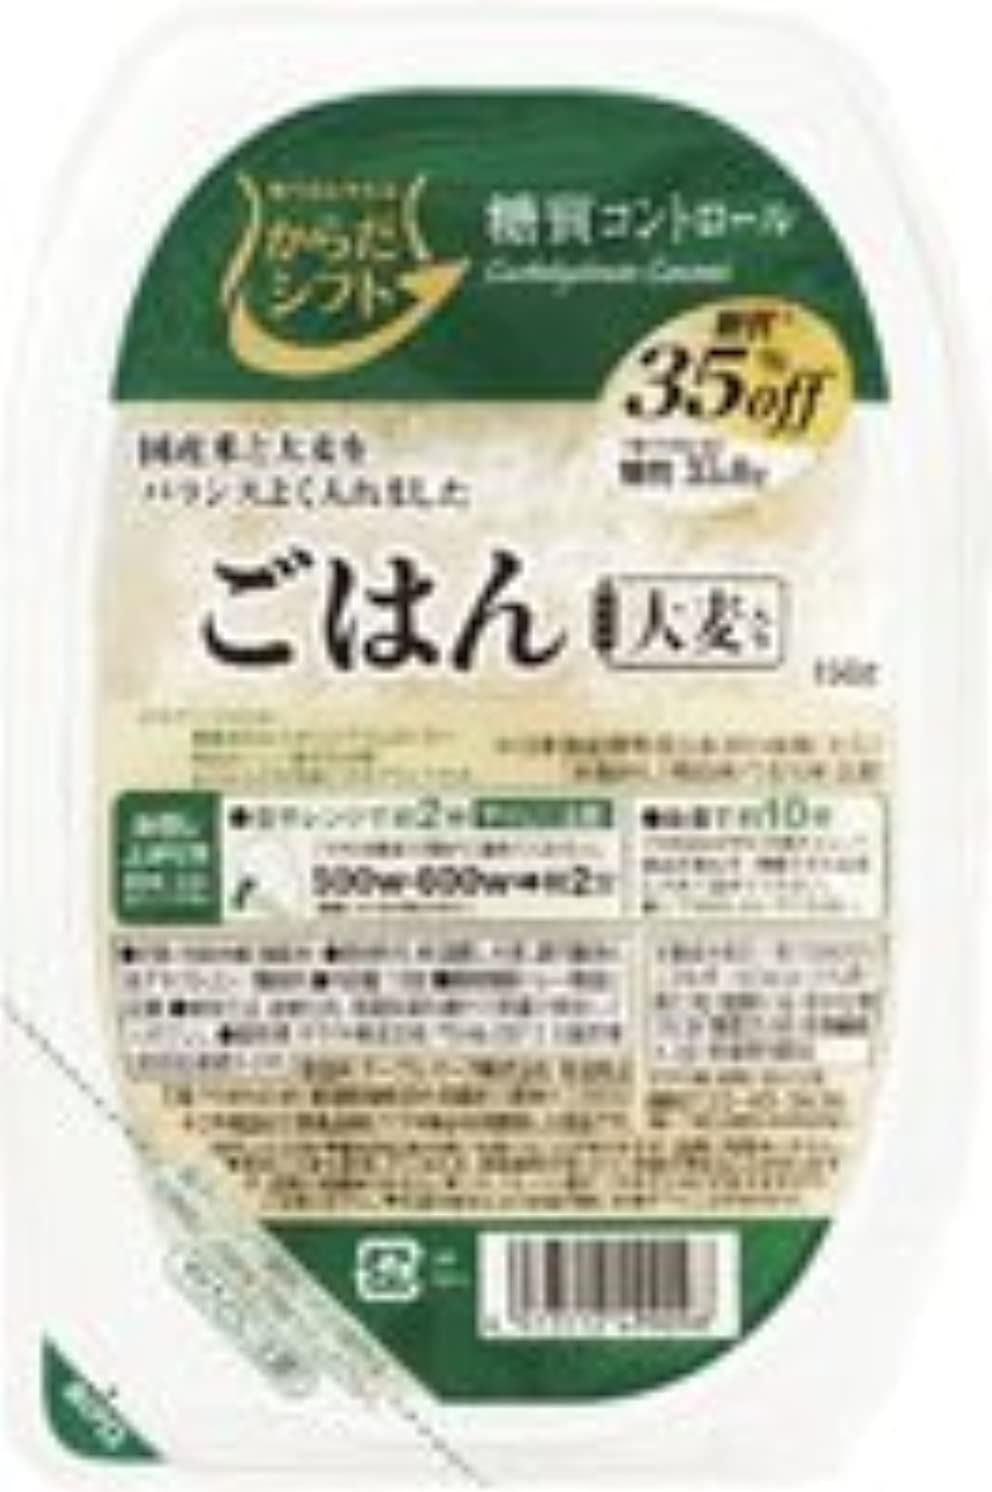 材料濃度ラックからだシフト 糖質コントロール ごはん 大麦入り 150g【6個セット】